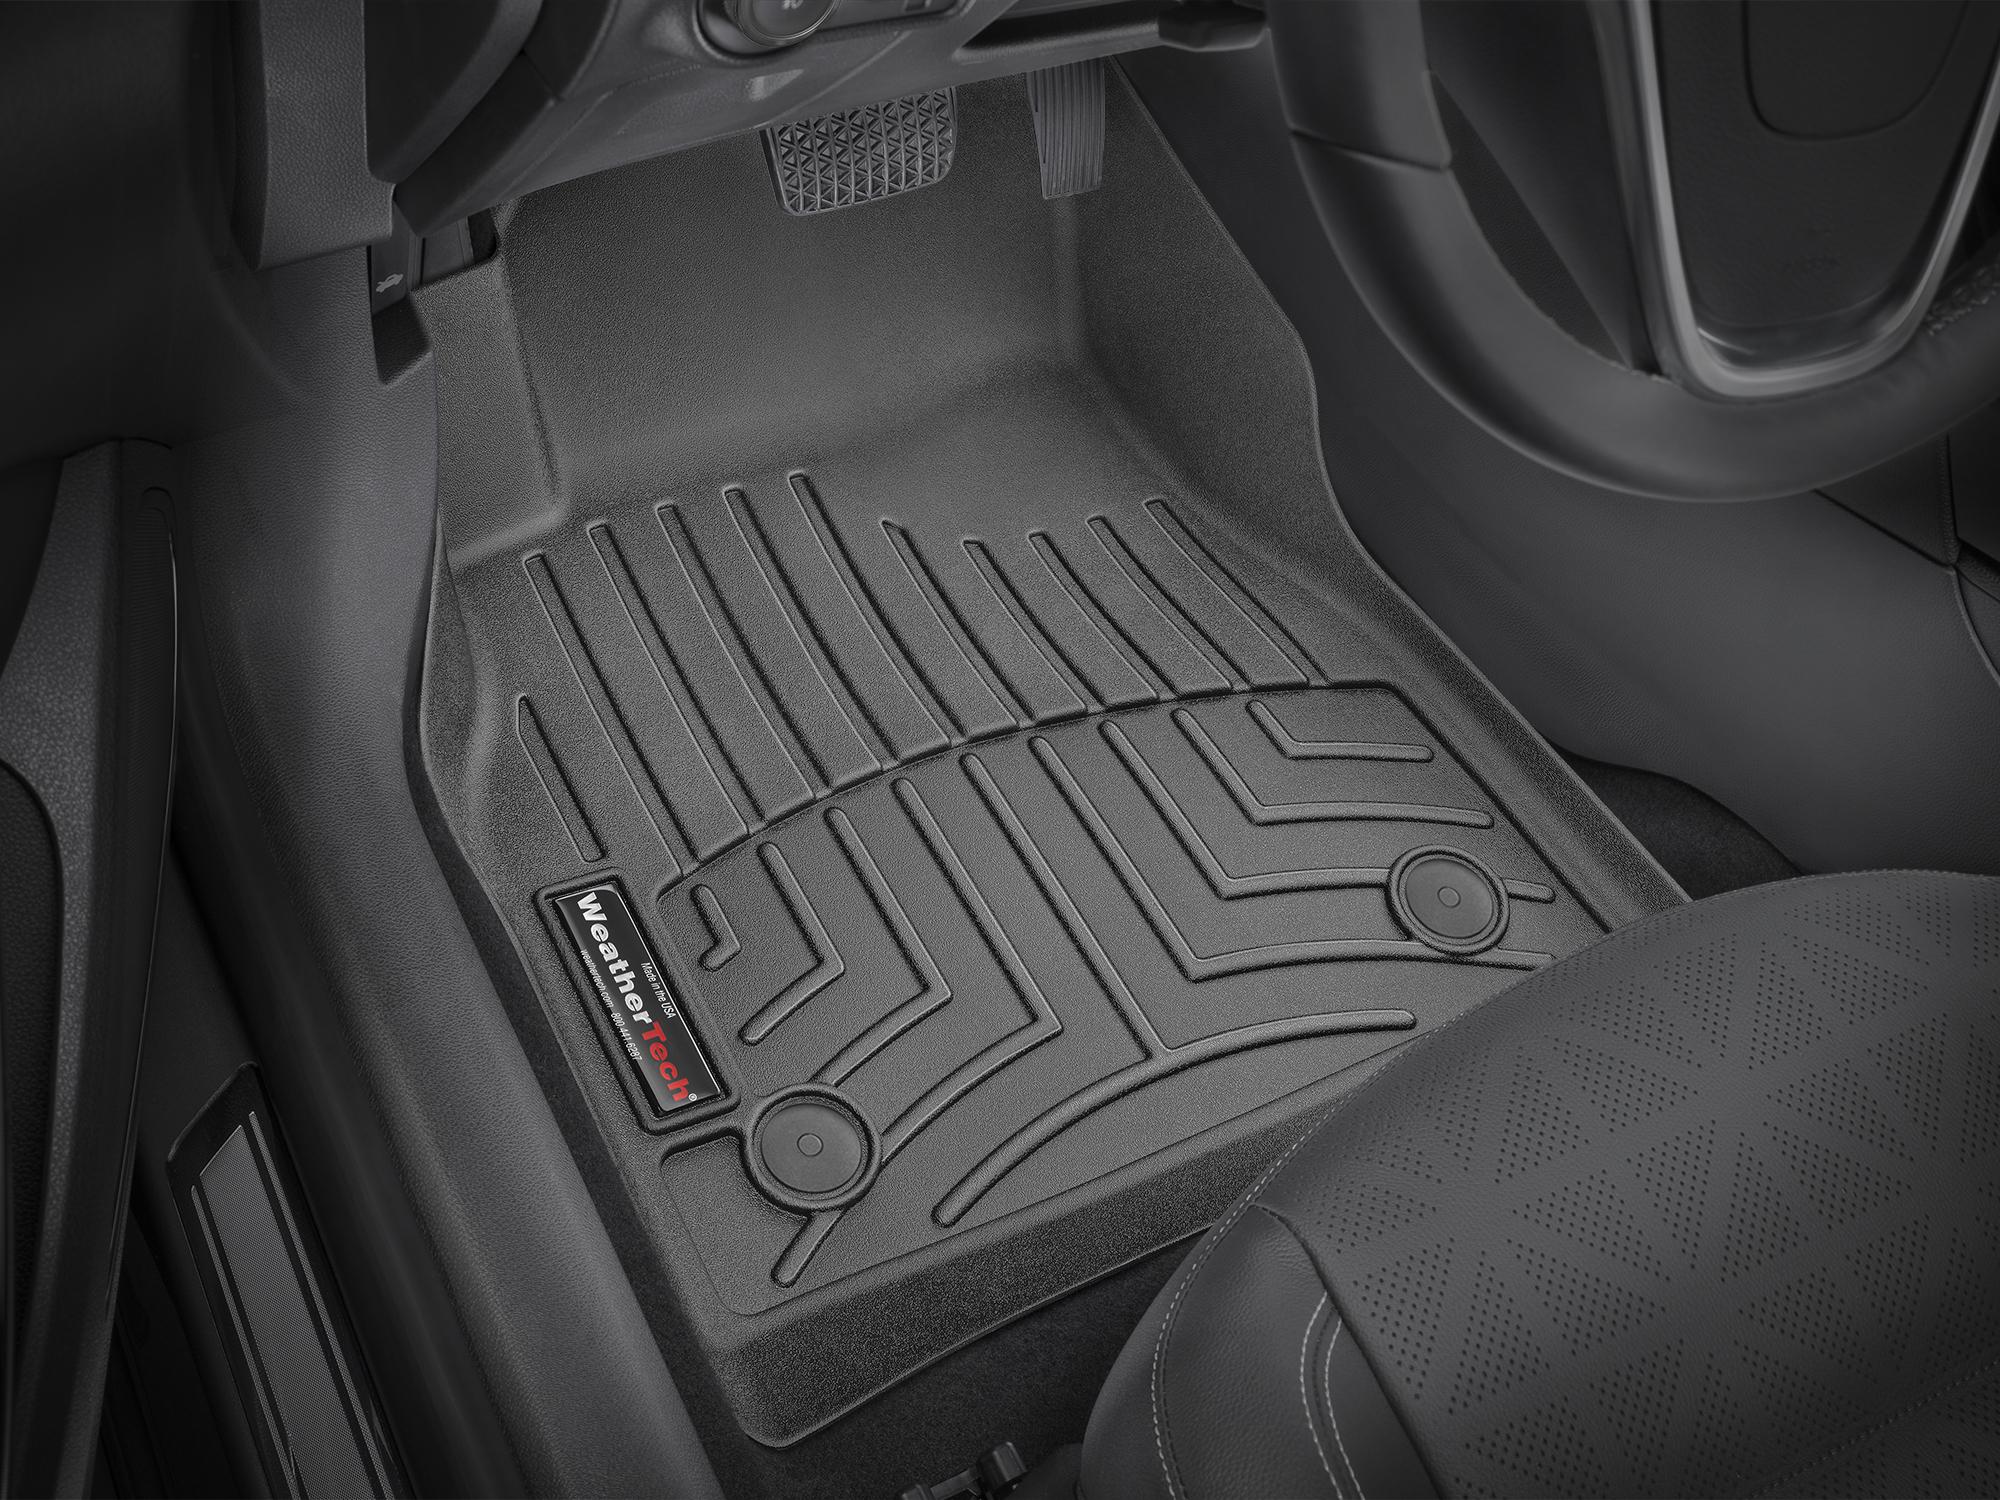 Tappeti gomma su misura bordo alto Opel Astra 10>14 Nero A2966